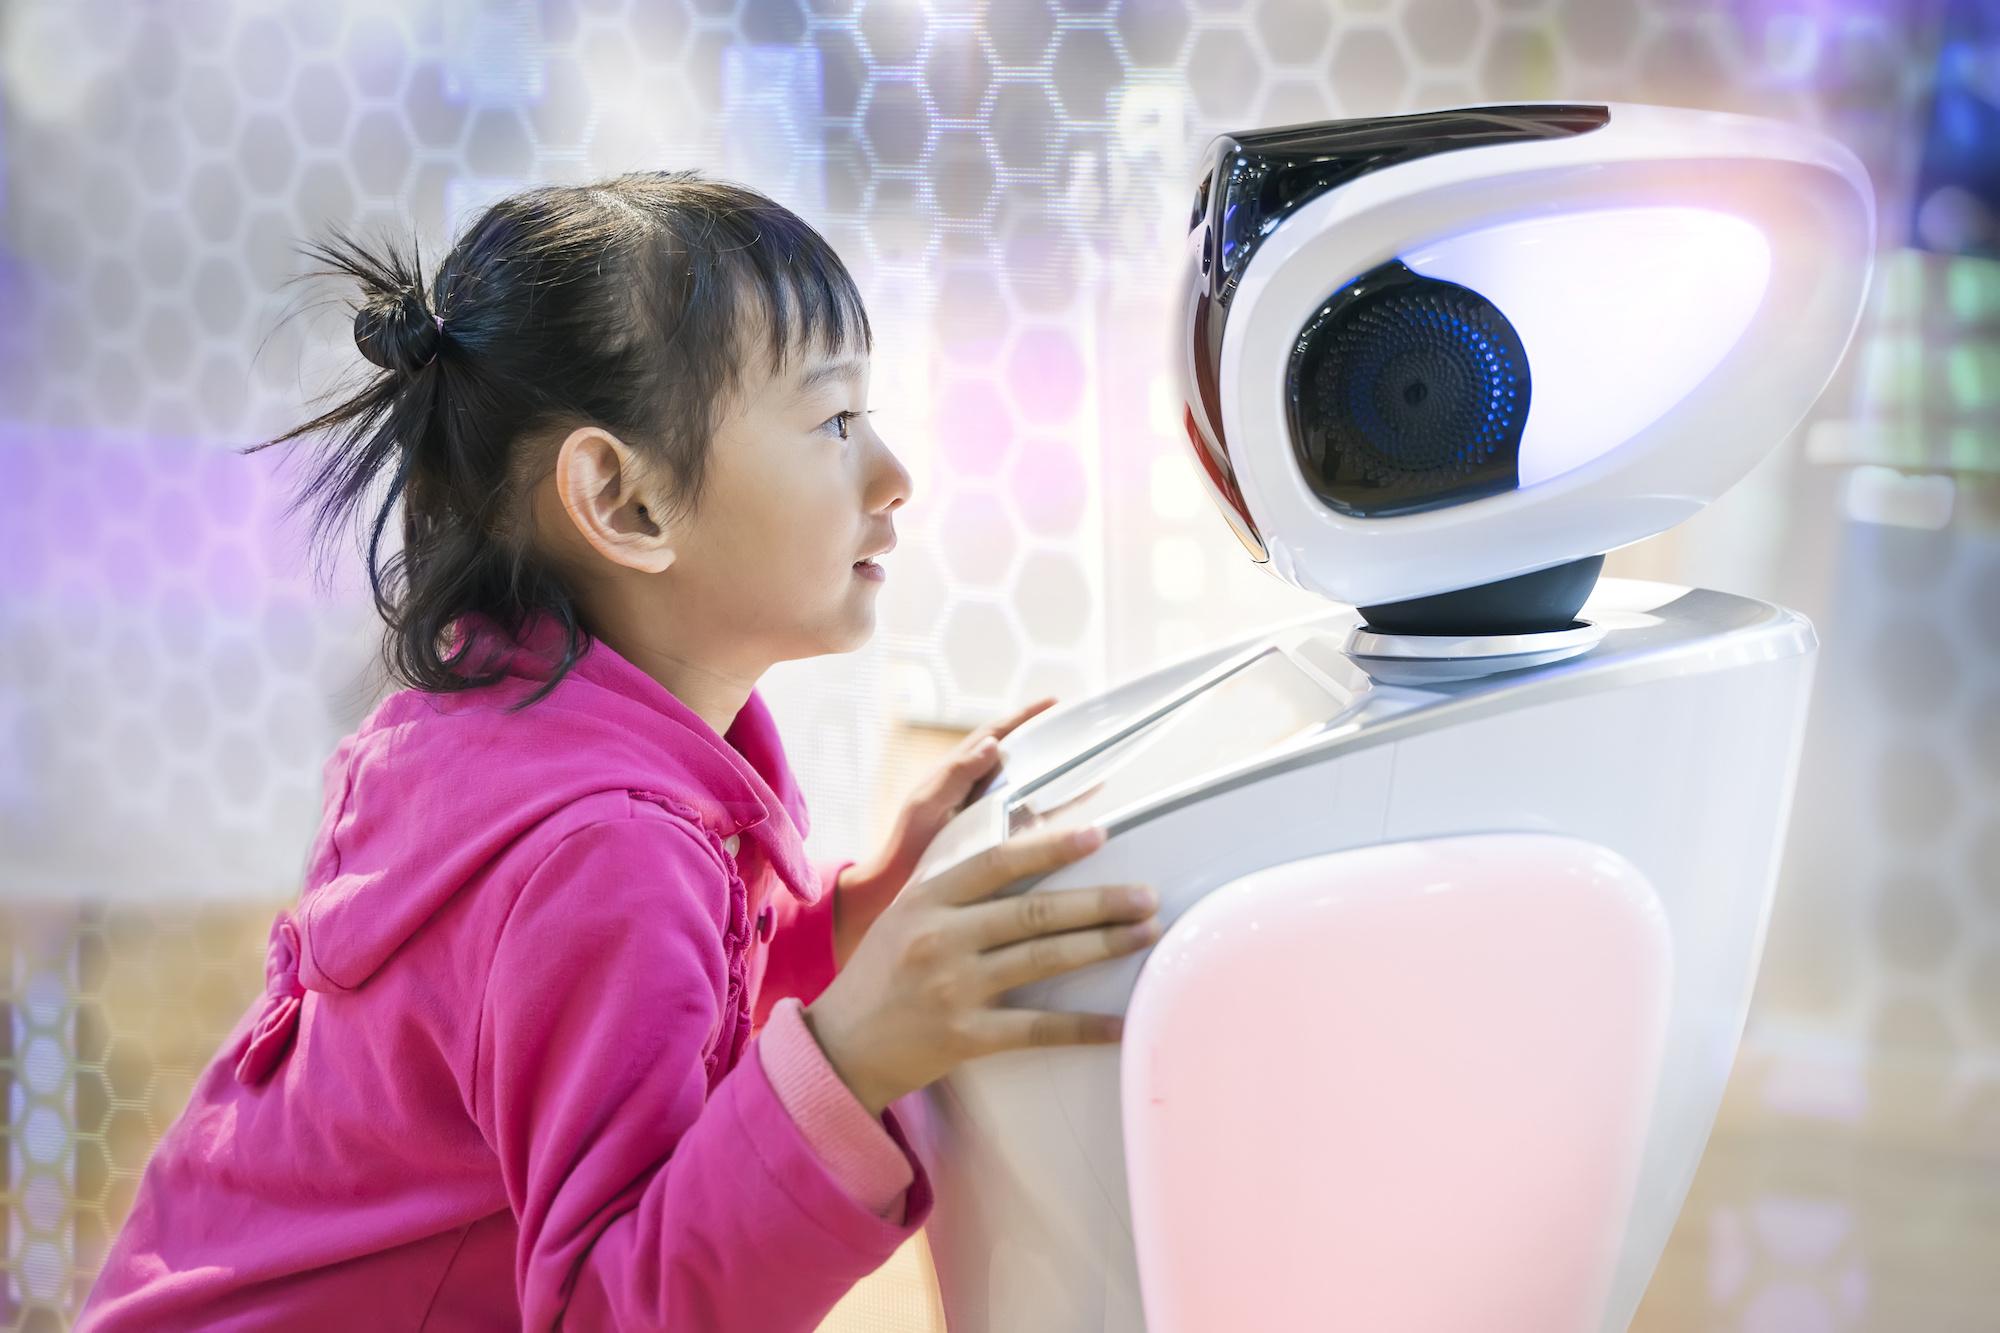 いまのコミュニケーションロボットはなぜダメなのか